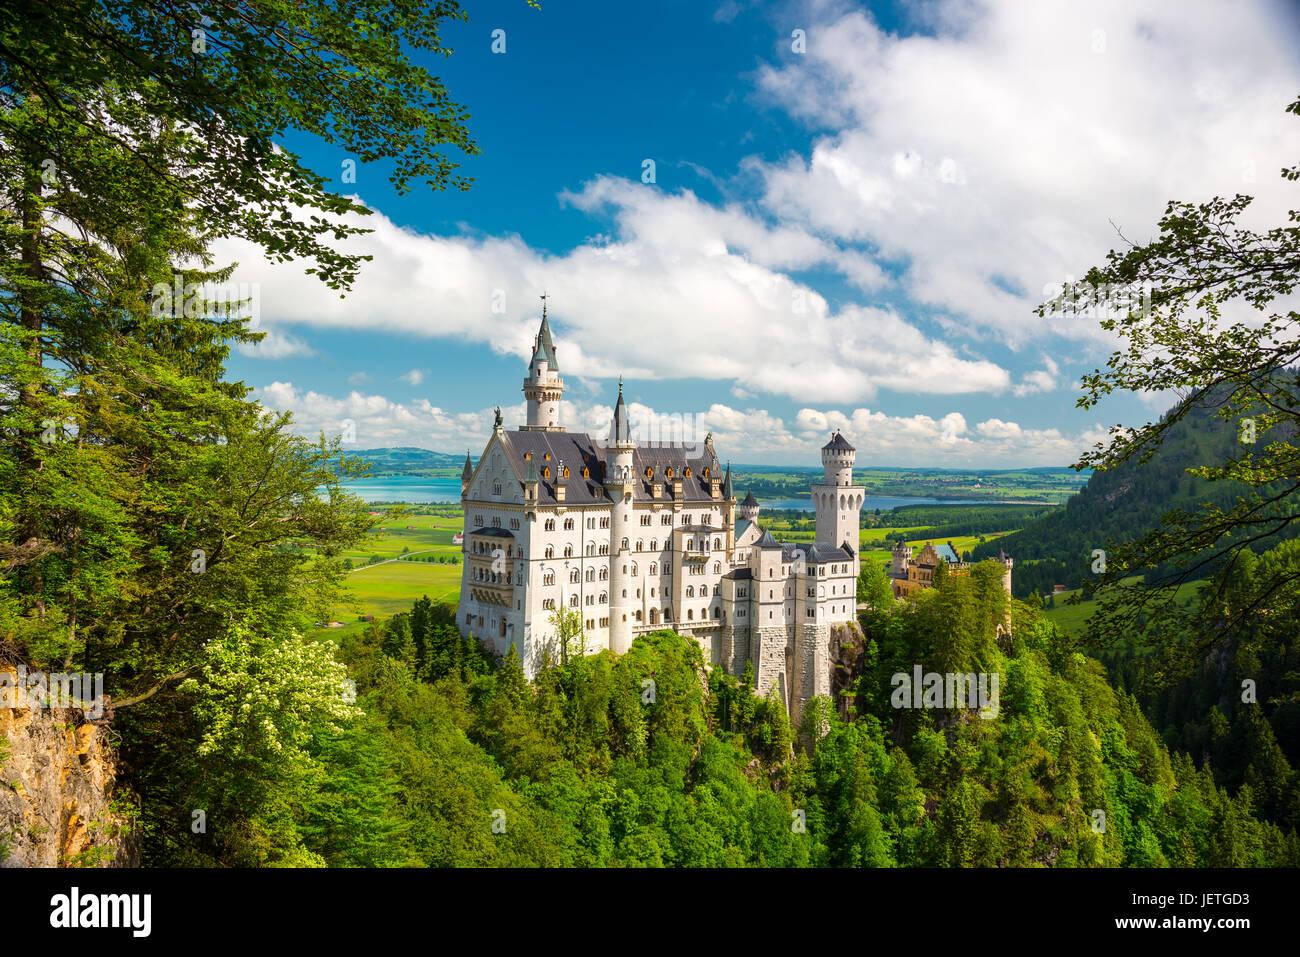 Neuschwanstein, schönen Herbst Landschaft Panorama-Bild der Märchen-Schloss in der Nähe von München Stockbild